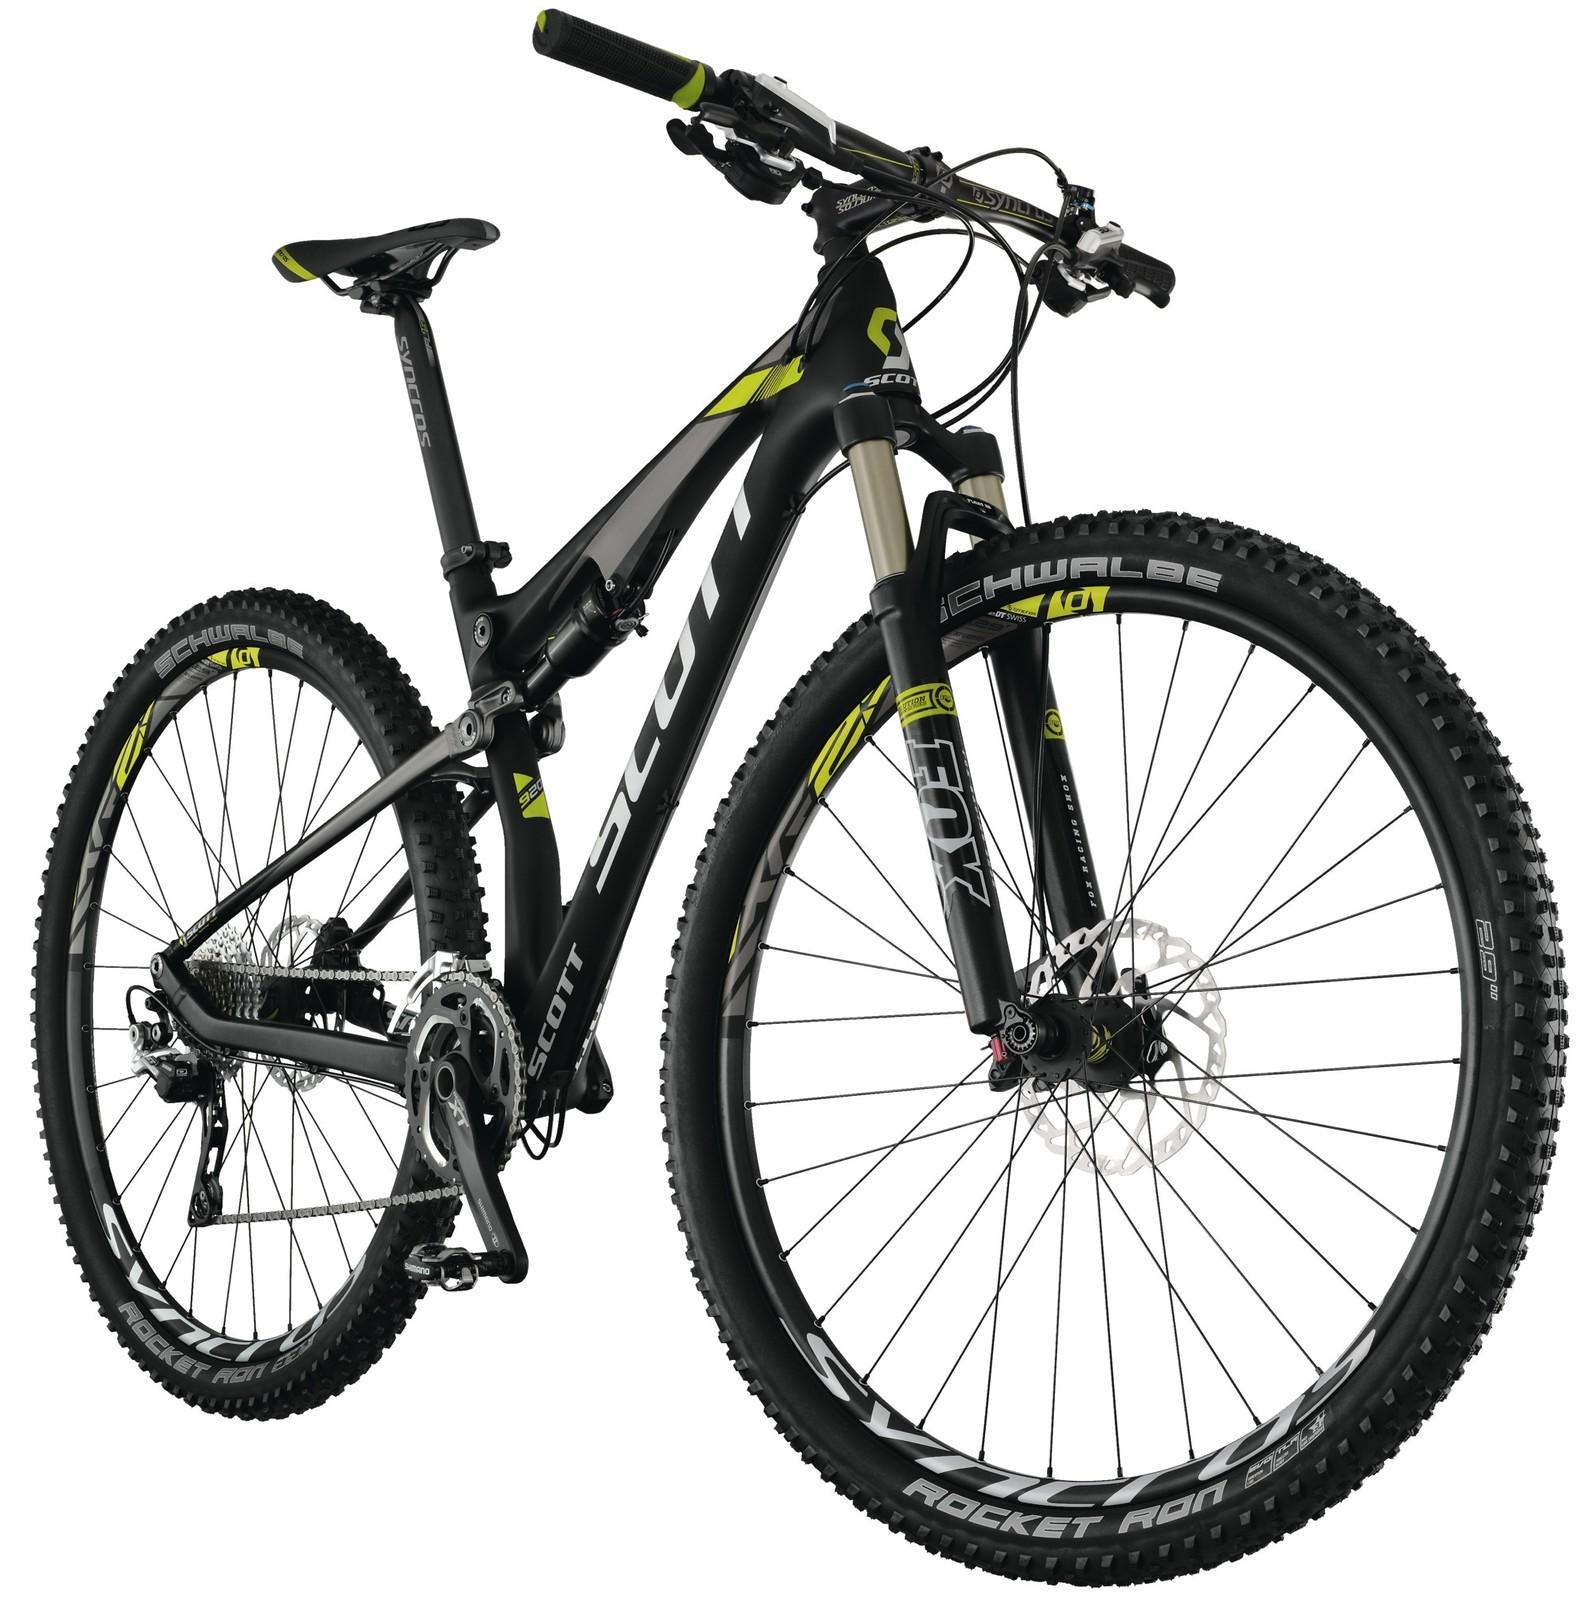 2013 Scott Spark 920 Bike - Reviews, Comparisons, Specs - Mountain ...